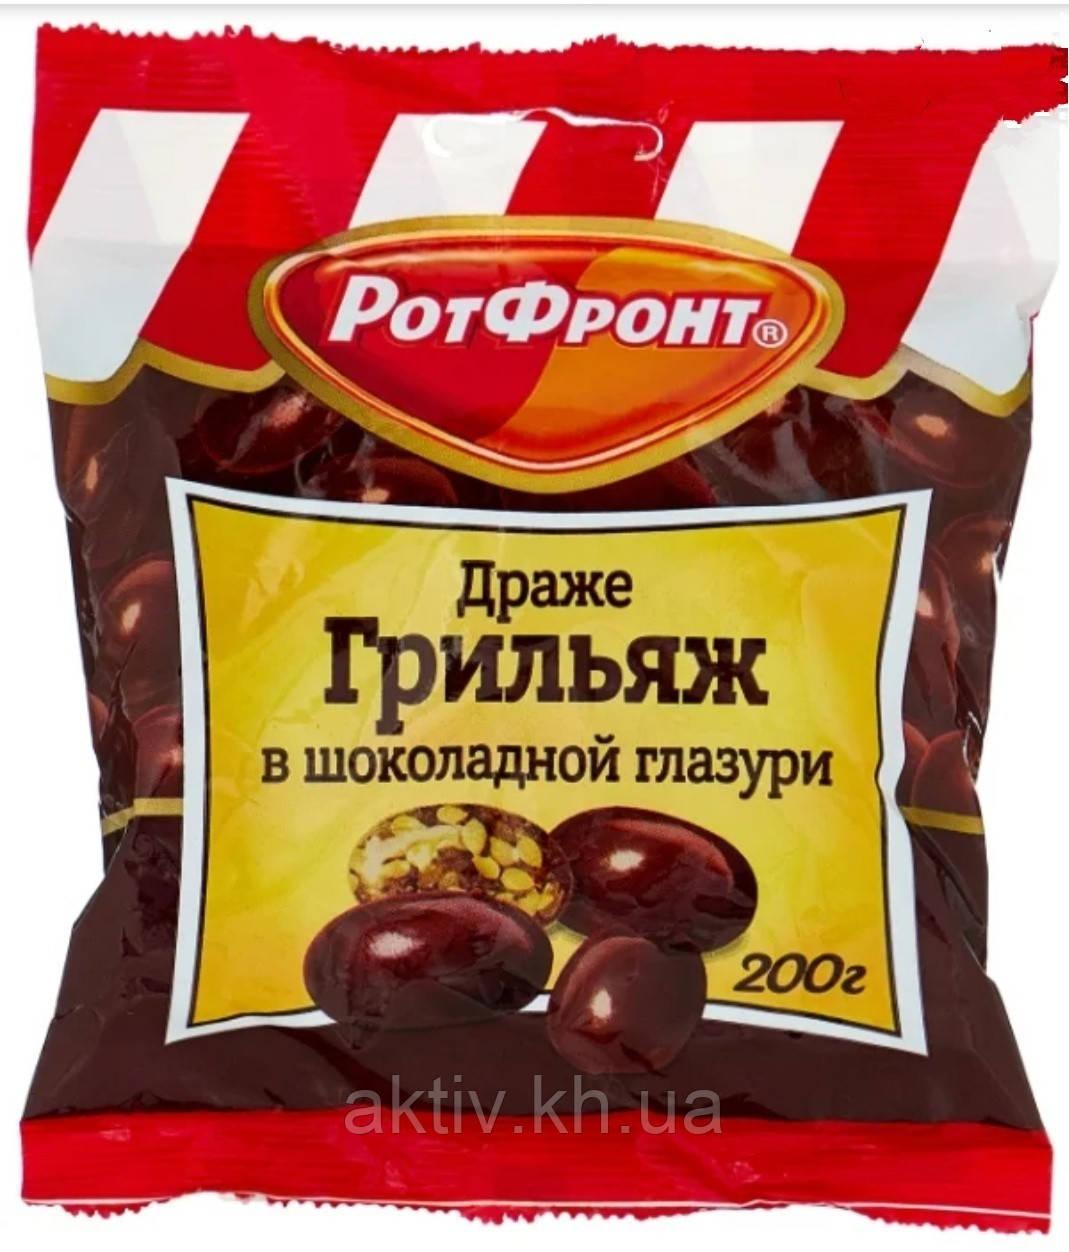 Драже Грильяж в шоколаде Рот Фронт 200 грамм